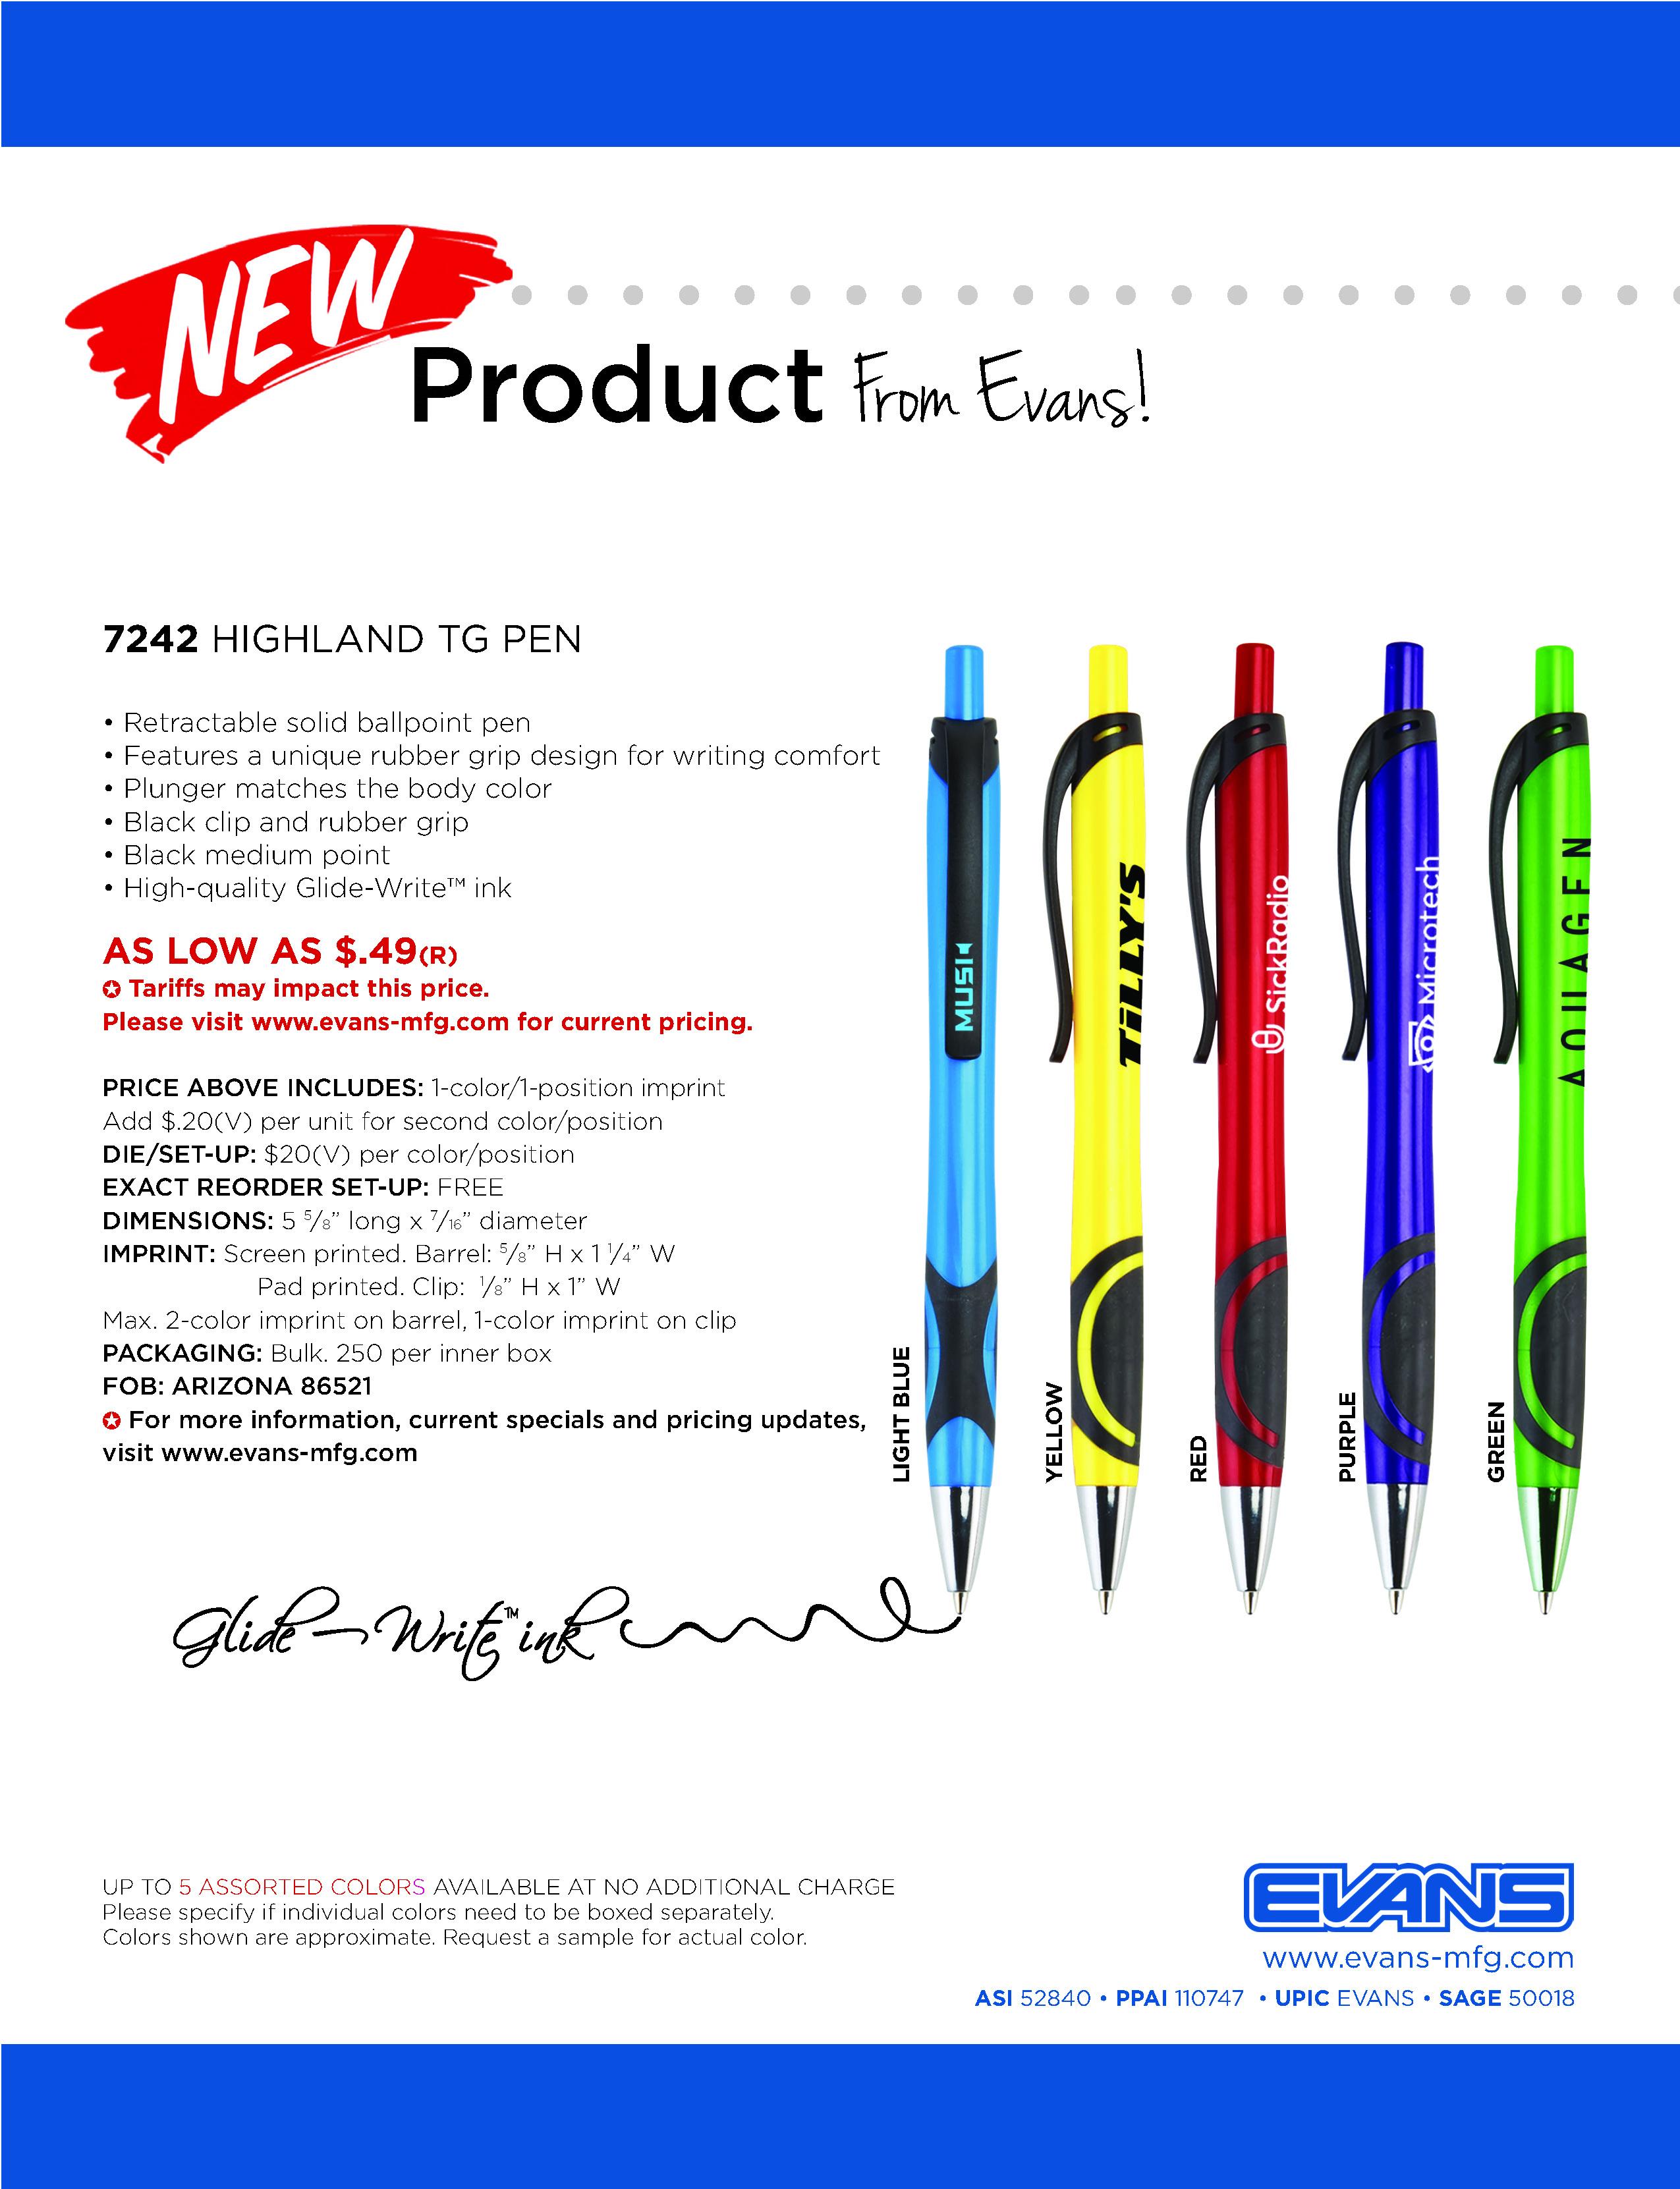 7242 Highland XG Pen